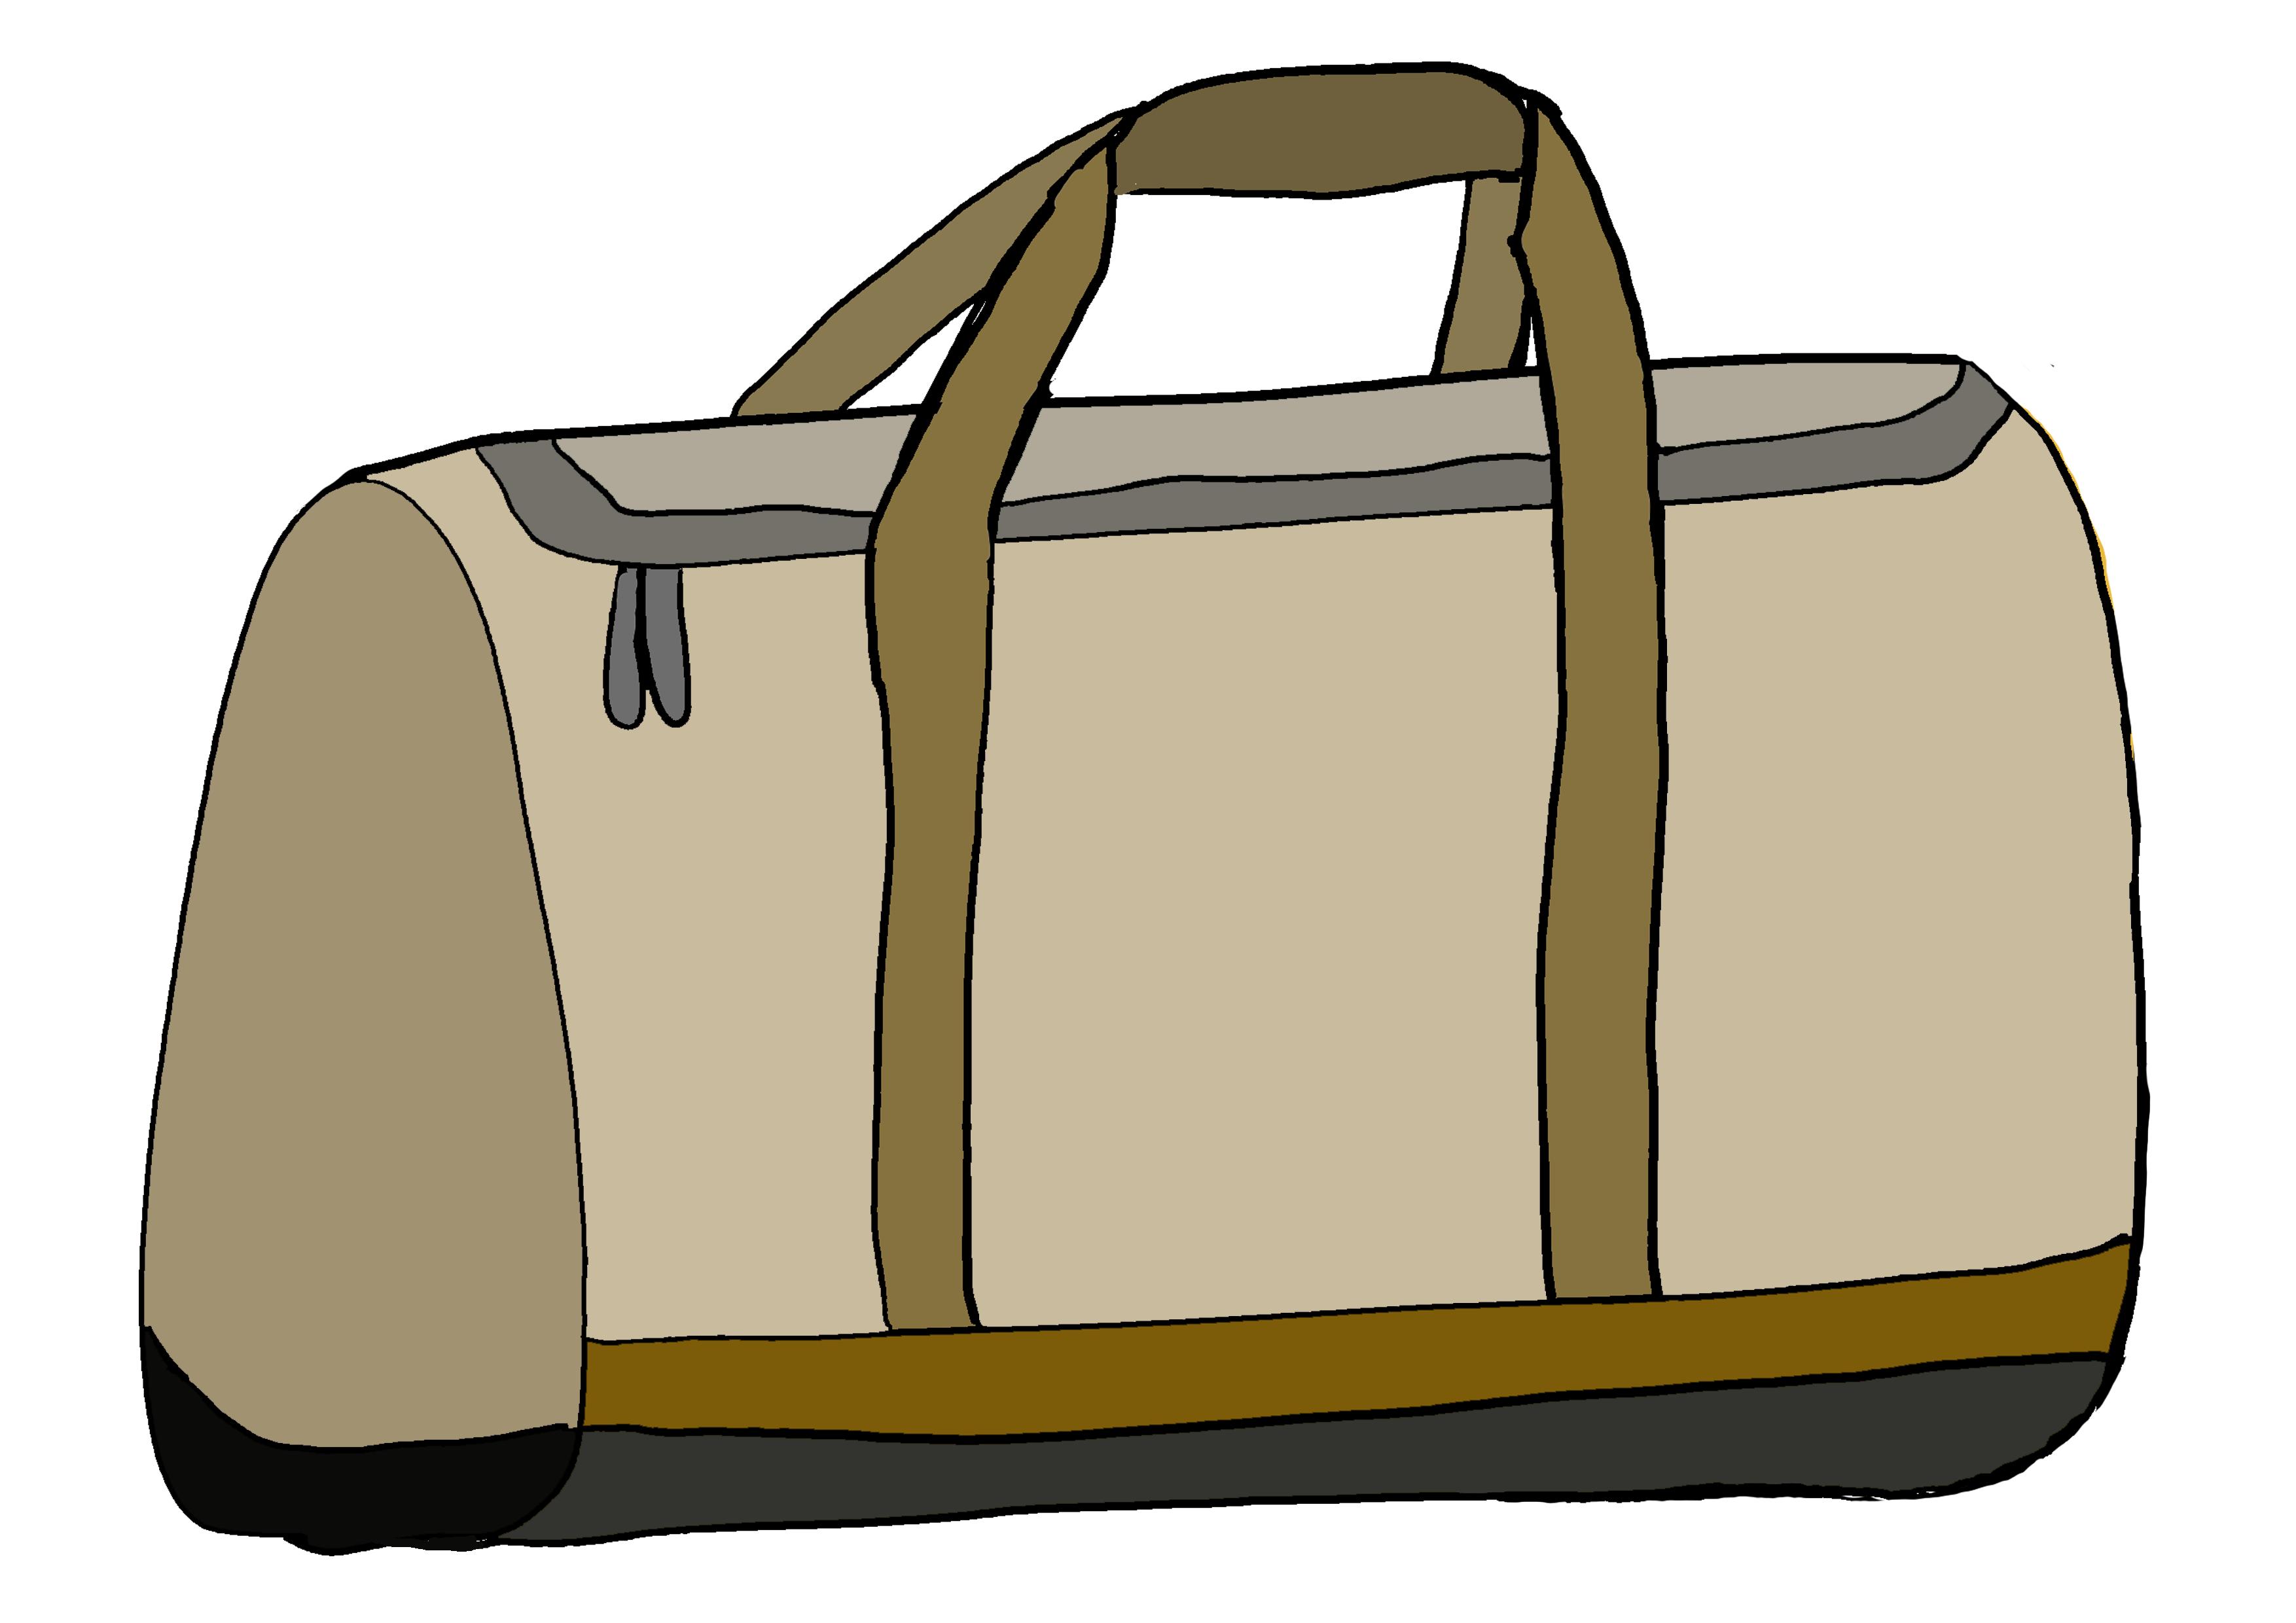 イラスト【荷物・かばん】